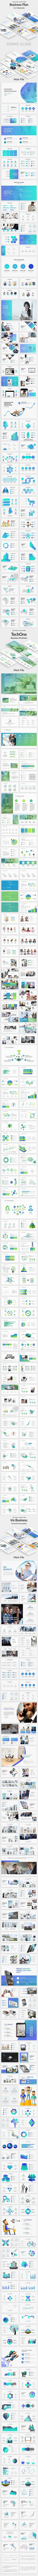 Business infographic : Business infographic : Business Plan  3 in 1 Bundle Powerpoint Template  Busines